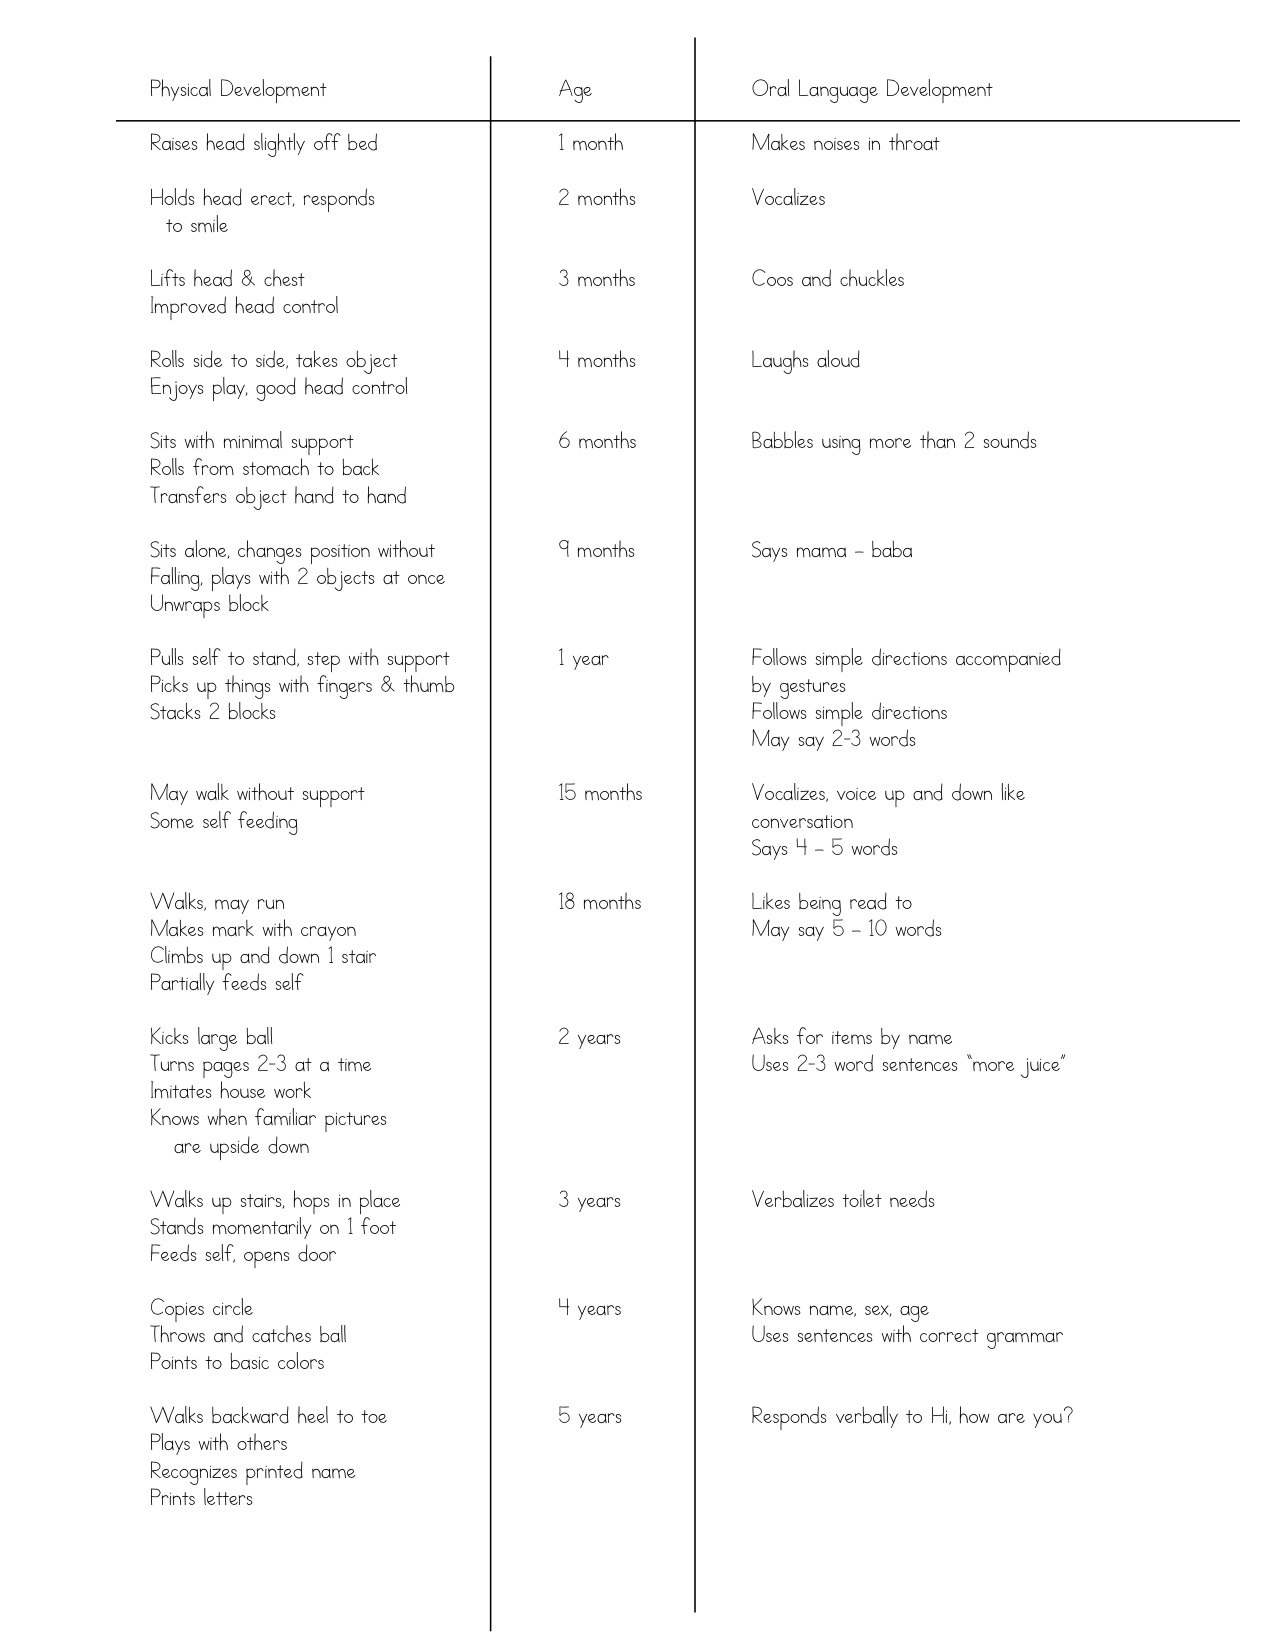 Understanding Oral Language